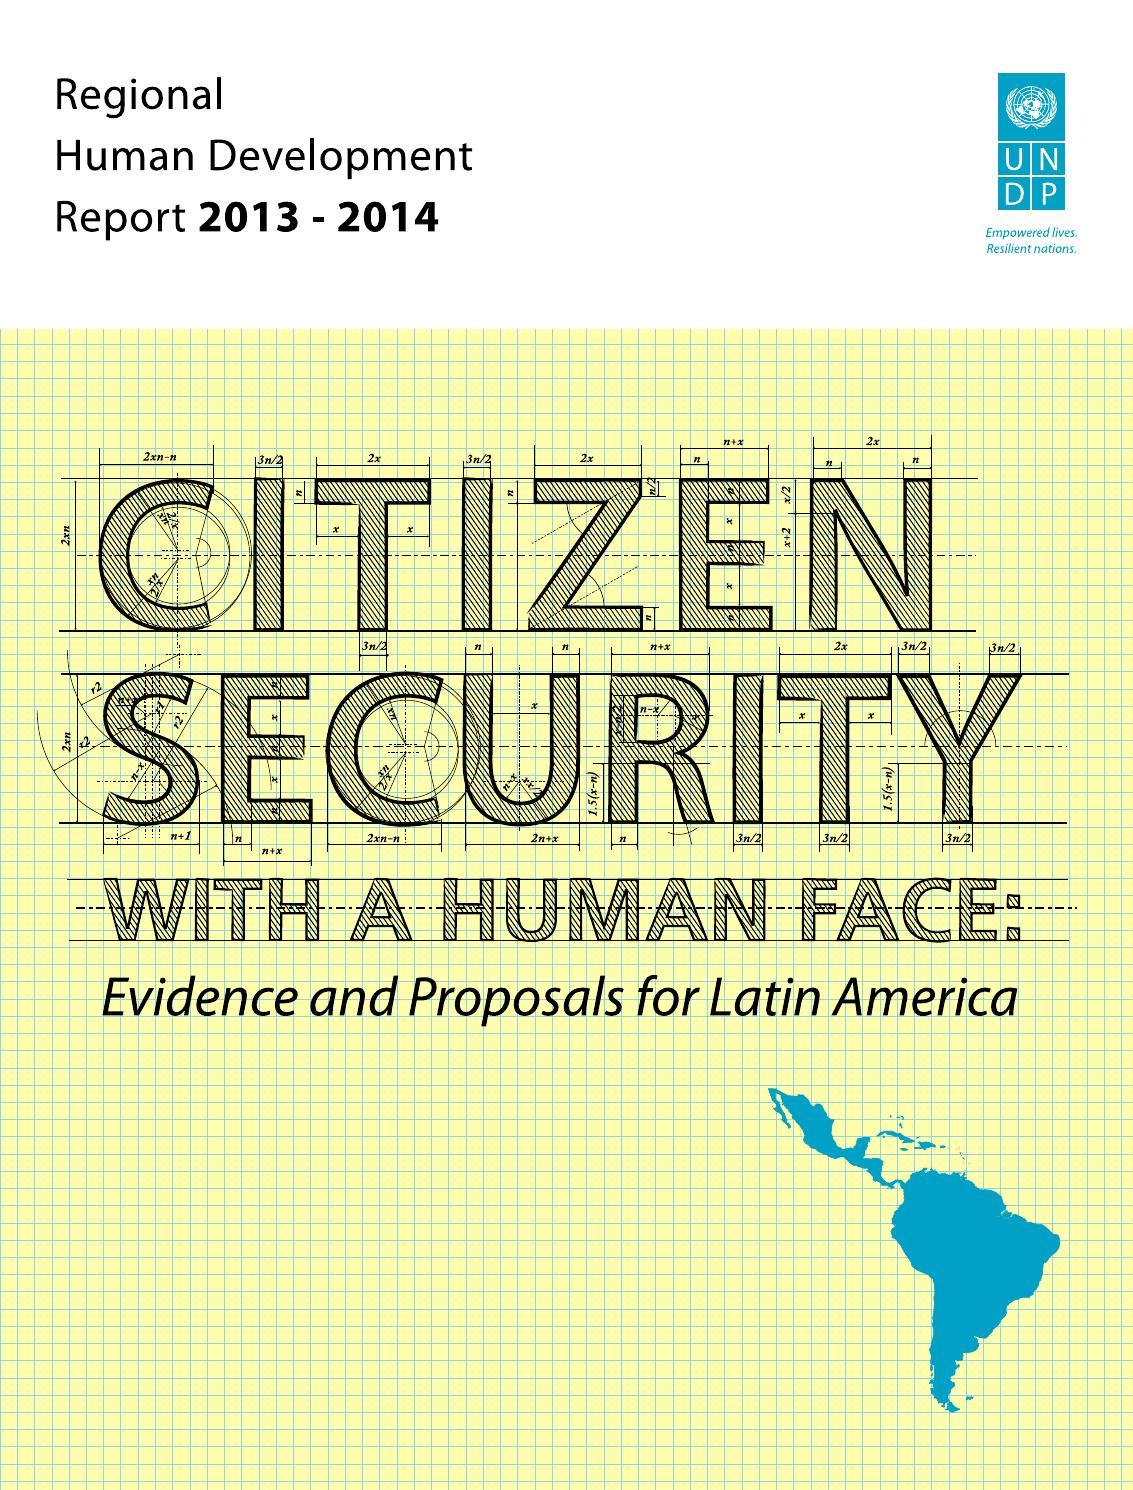 Human Development Report 2013 On Citizen Security In Latin America Database Alfred Basta Pdf By Programa De Las Naciones Unidas Para El Desarrollo En Amrica Latina Y Caribe